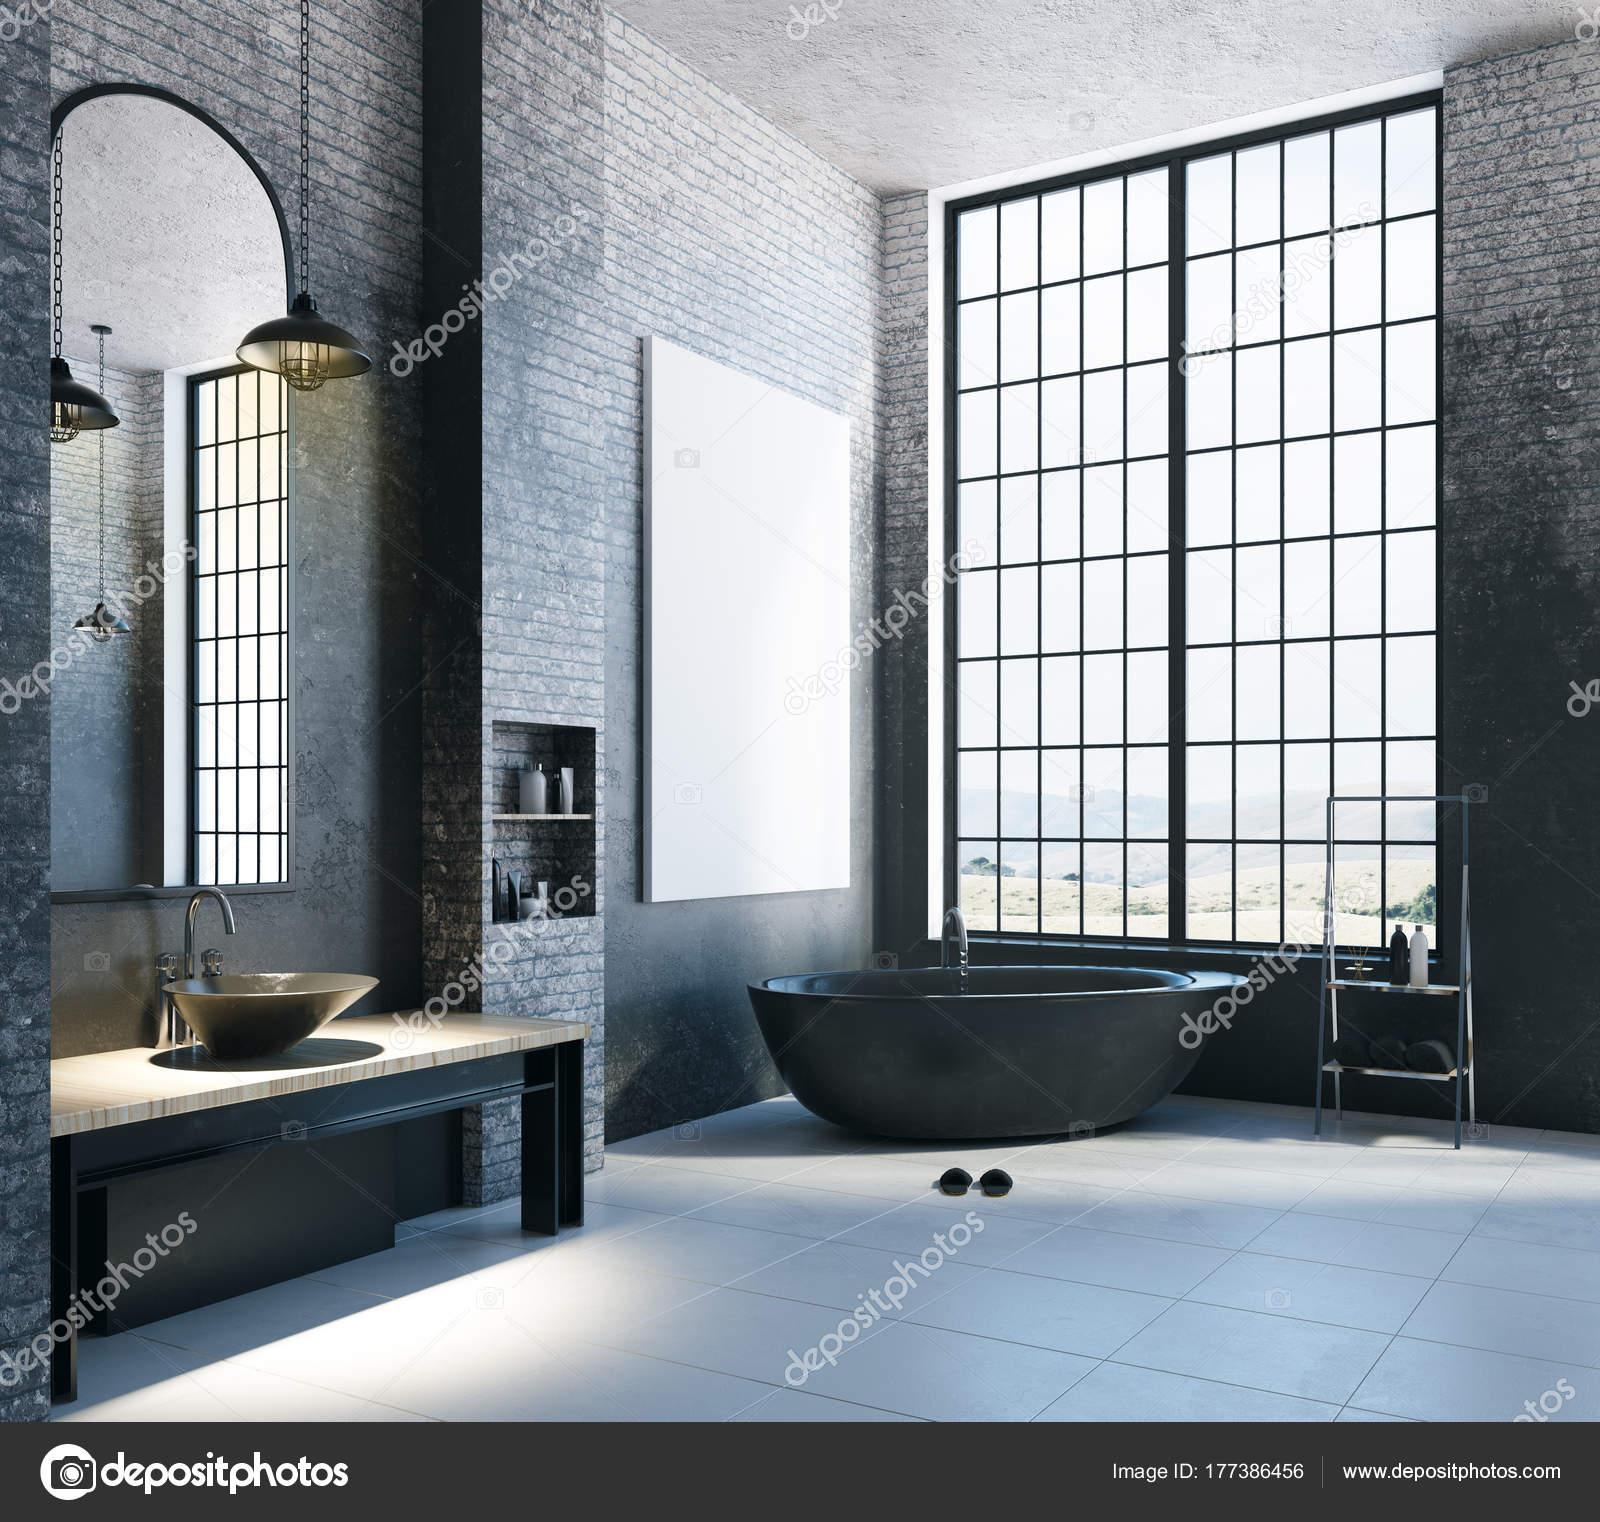 Moderne loft badkamer met lege banner — Stockfoto © peshkova #177386456